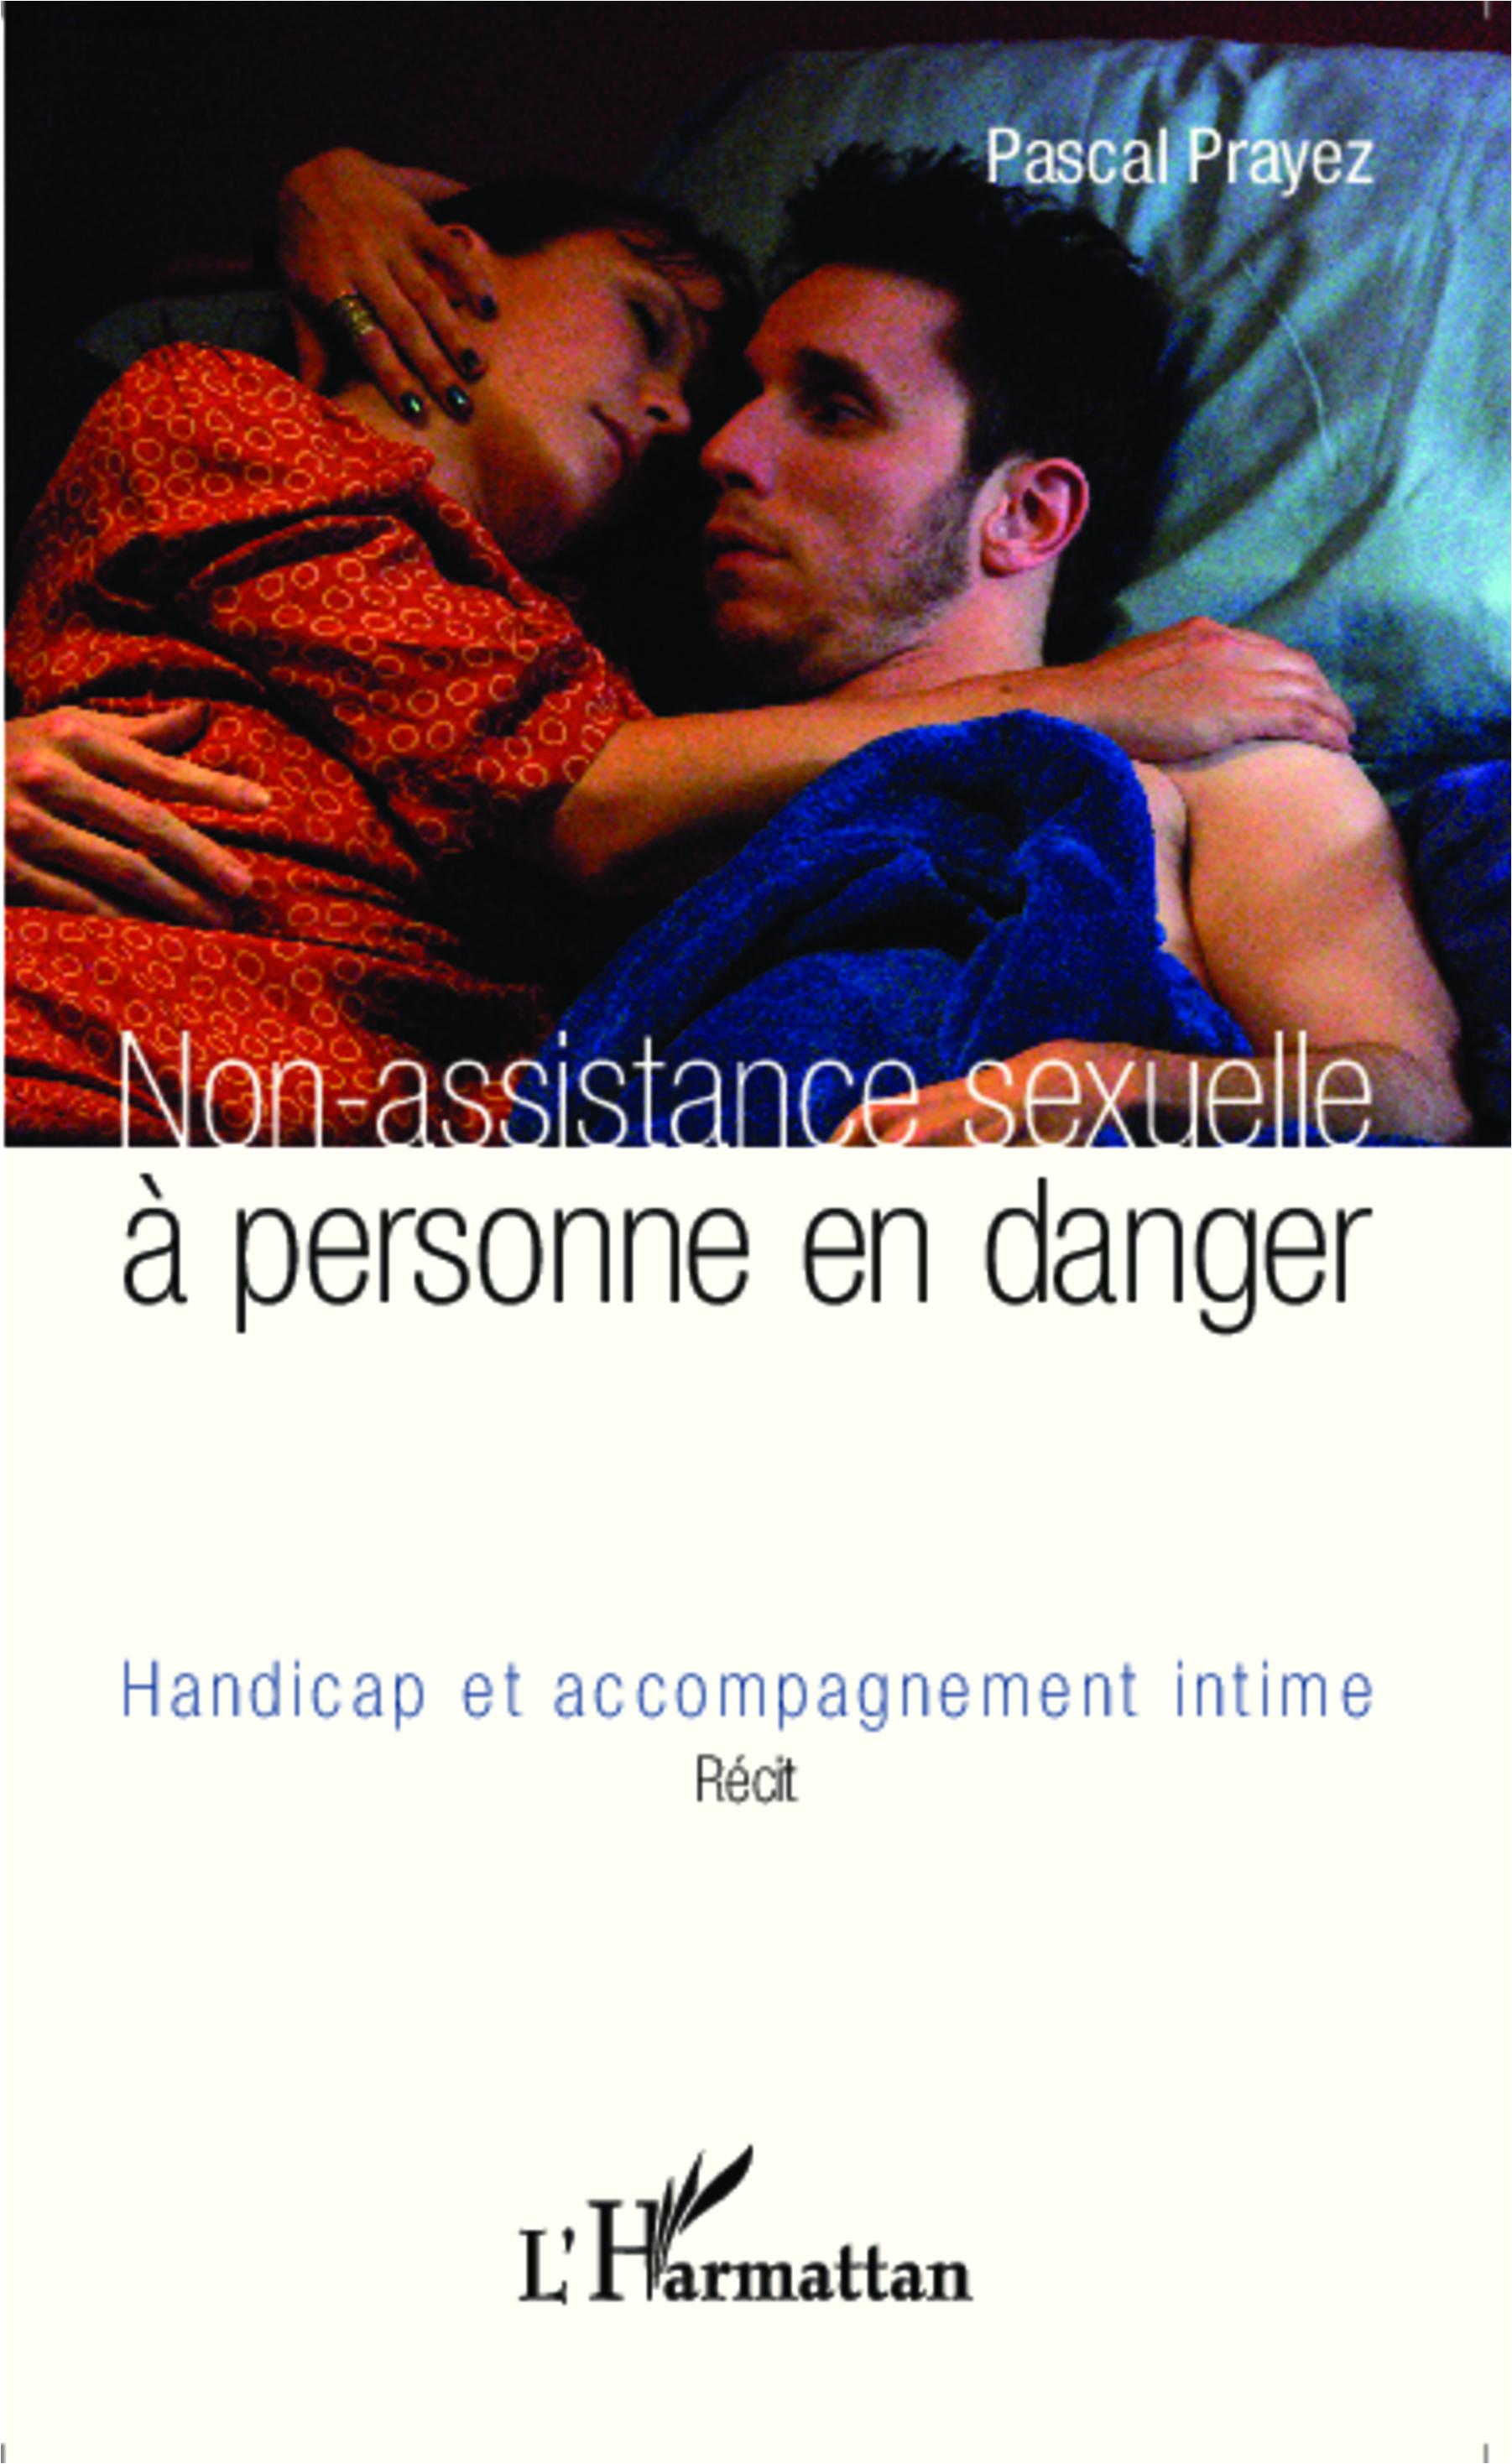 NON ASSISTANCE SEXUELLE A PERSONNE EN DANGER HANDICAP ET ACCOMPAGNEMENT INTIME  RECIT